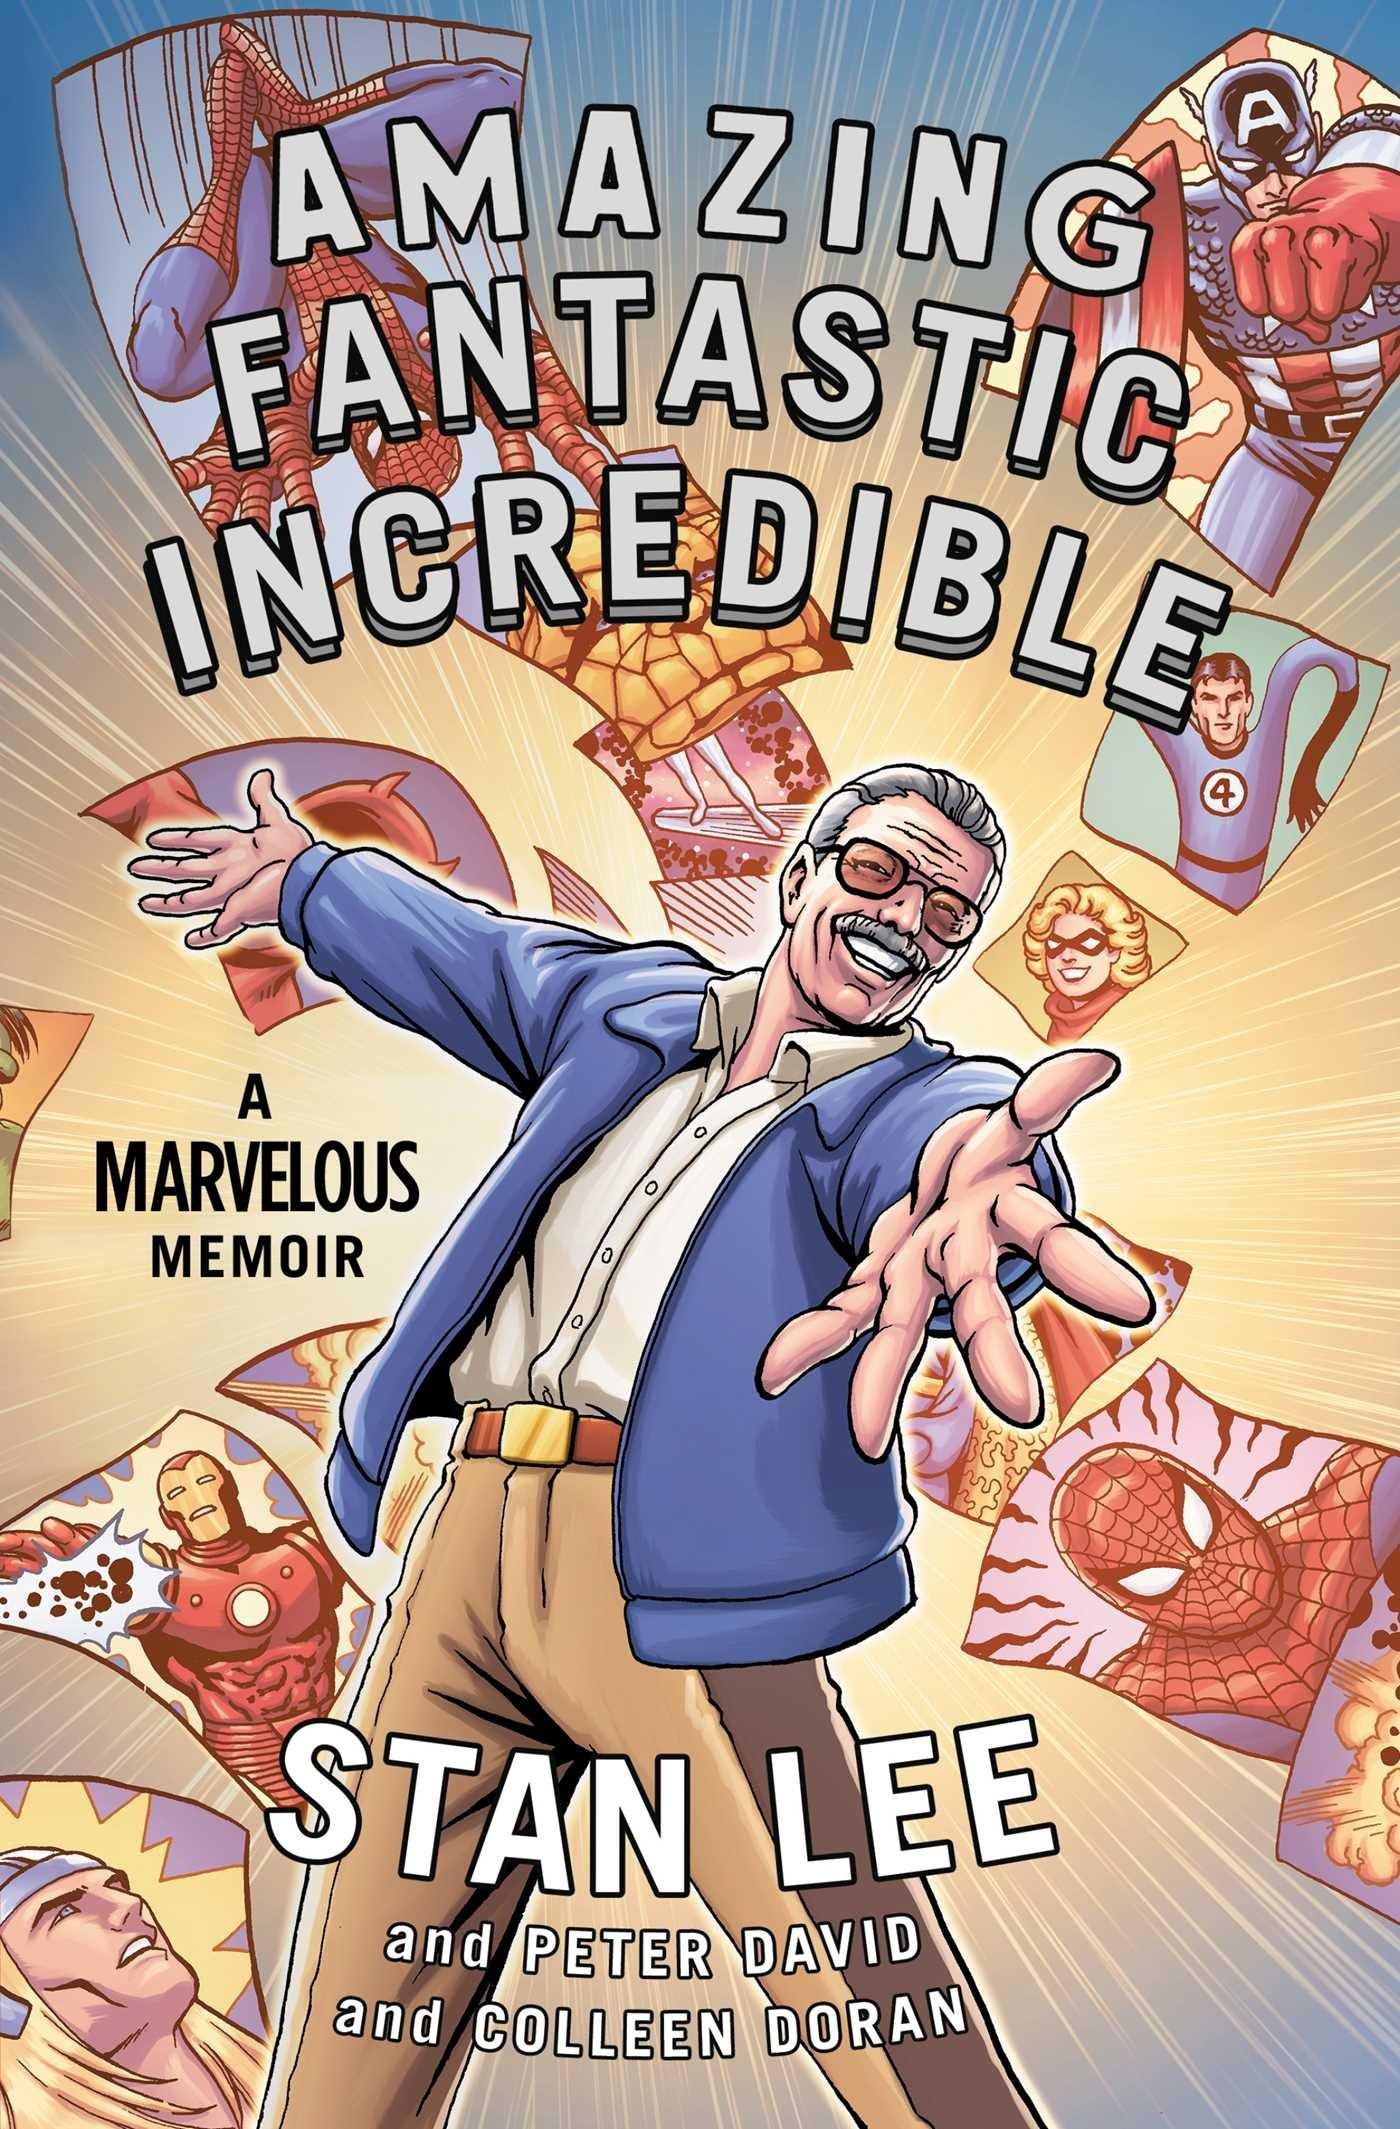 Amazing Fantastic Incredible: A Marvelous Memoir by Stan Lee